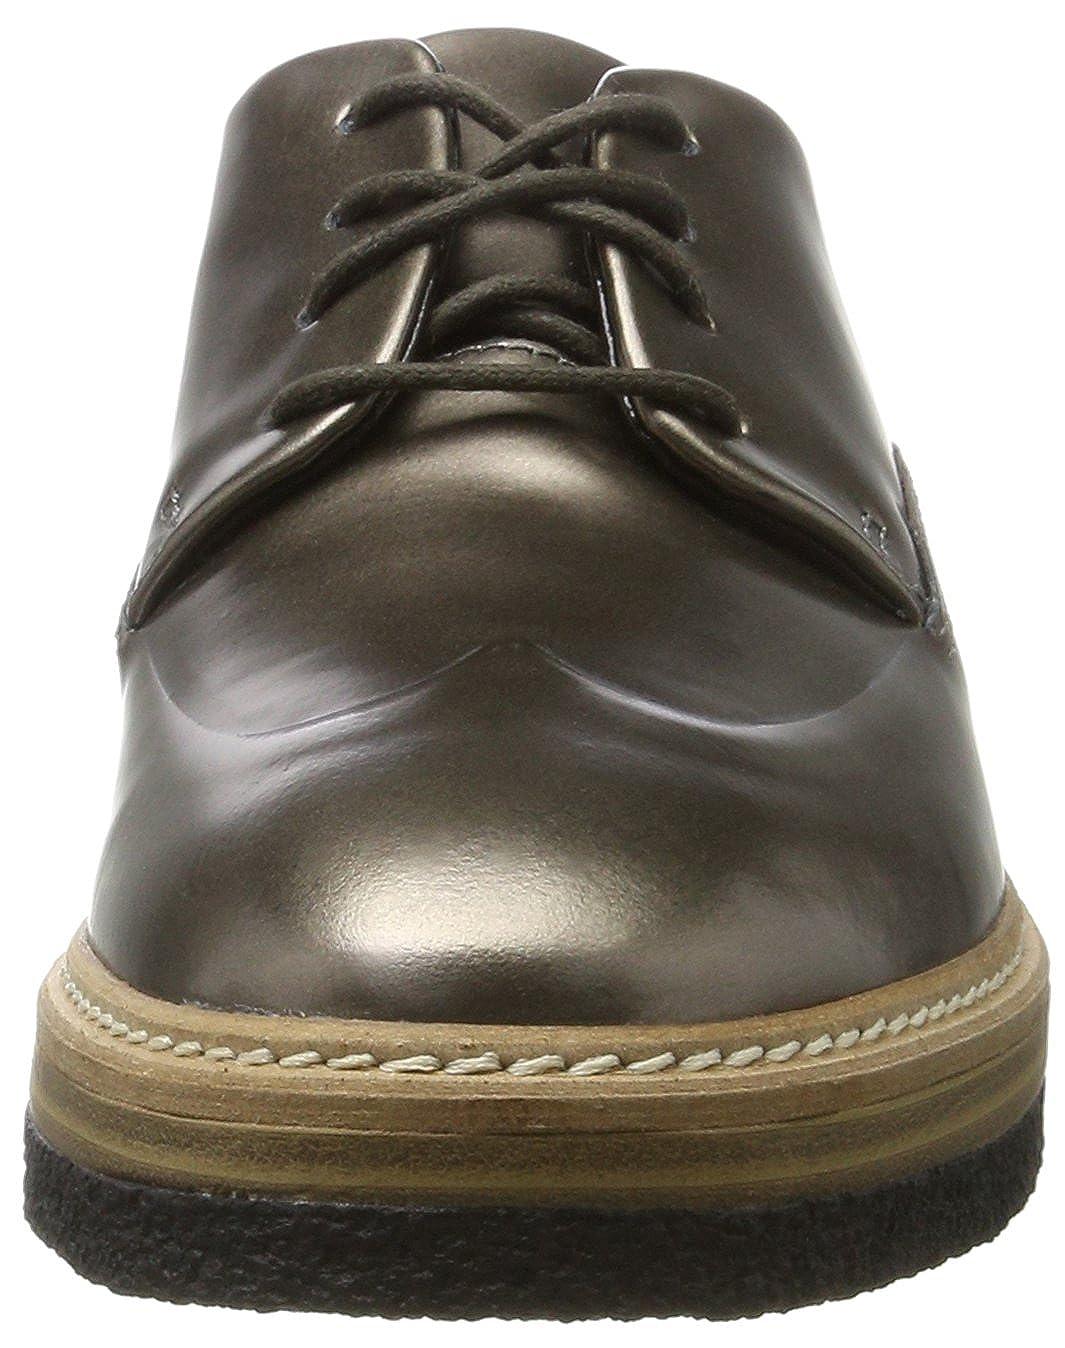 Clarks Zante Zara, Zapatos de Vestir para Mujer: Amazon.es: Zapatos y complementos